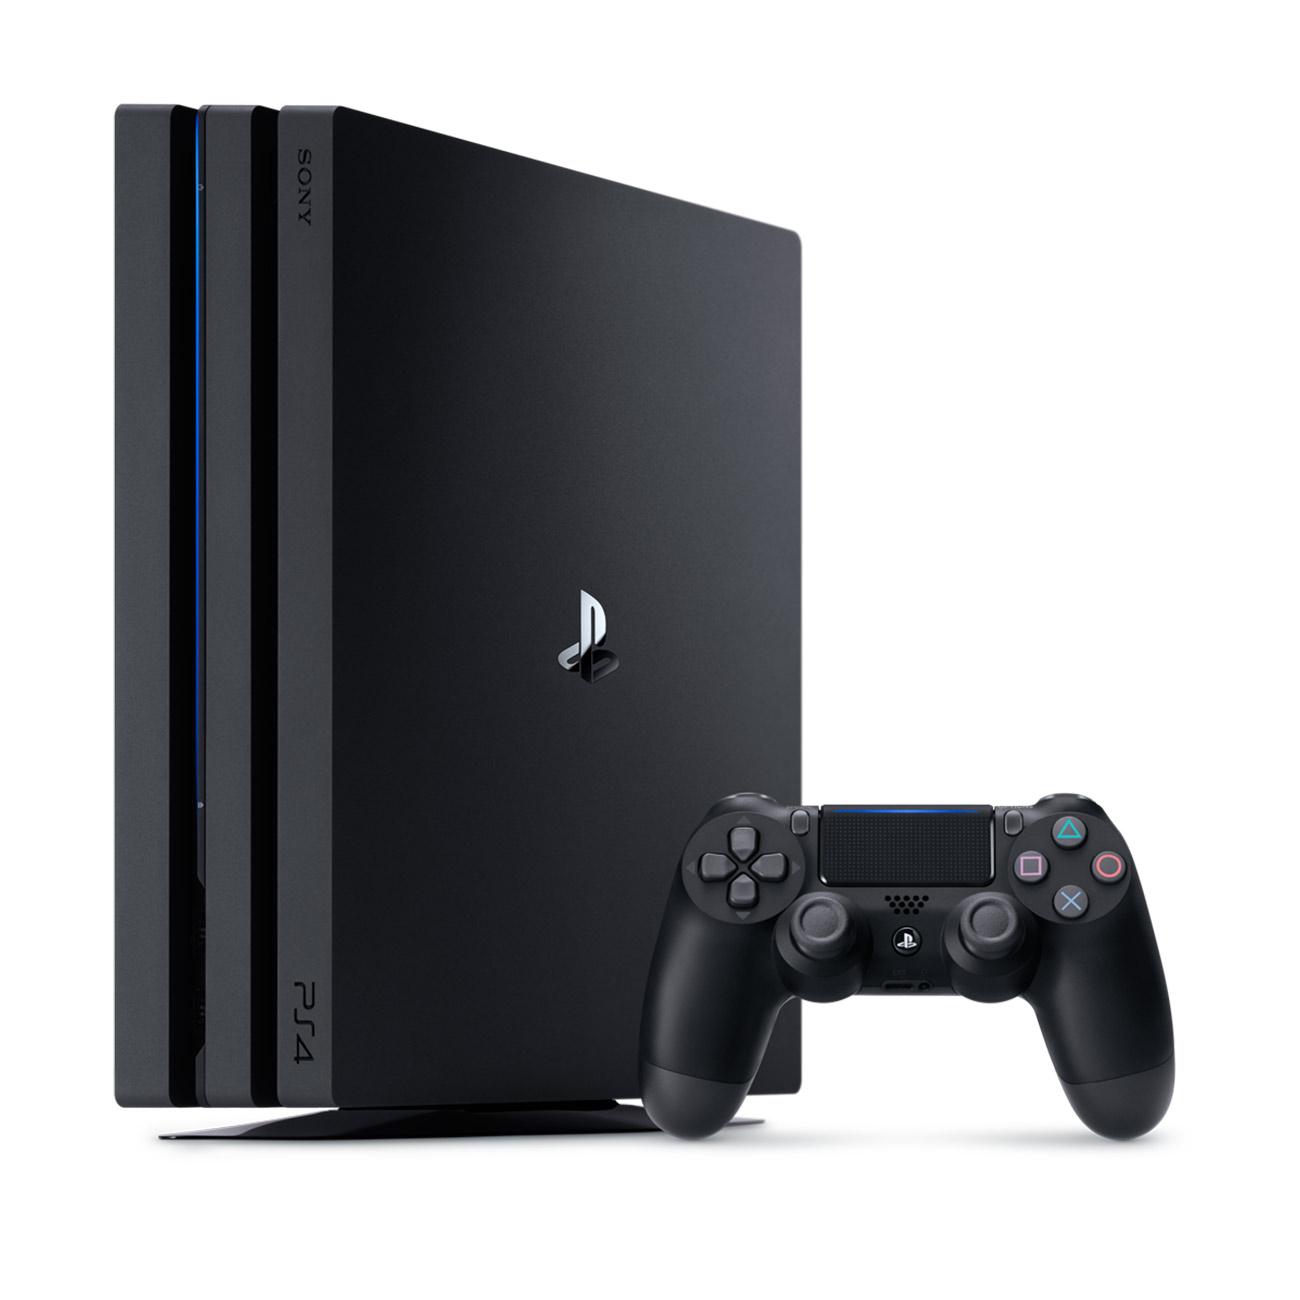 کنسول بازی سونی Playstation 4 Slim  Region 2  – ظرفیت ۵۰۰ گیگابایت